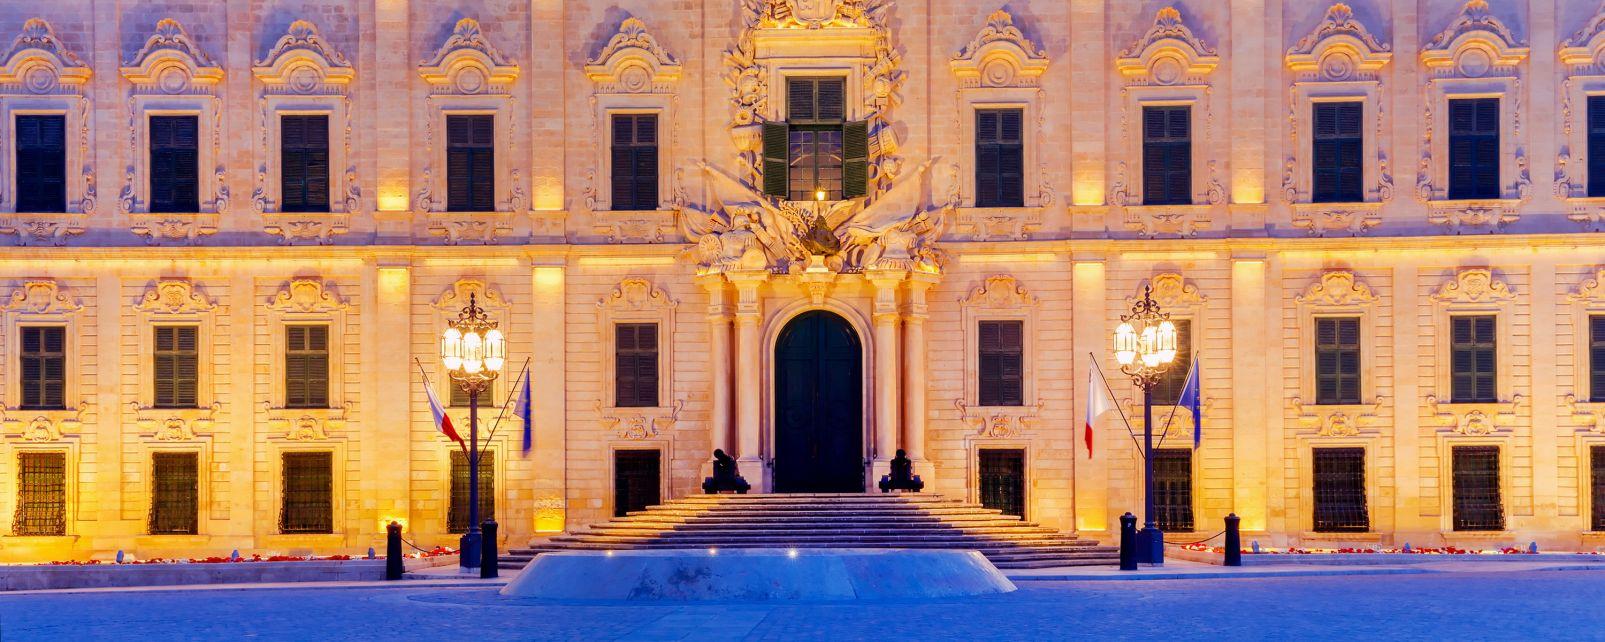 Baroque art, Arts and culture, Malta